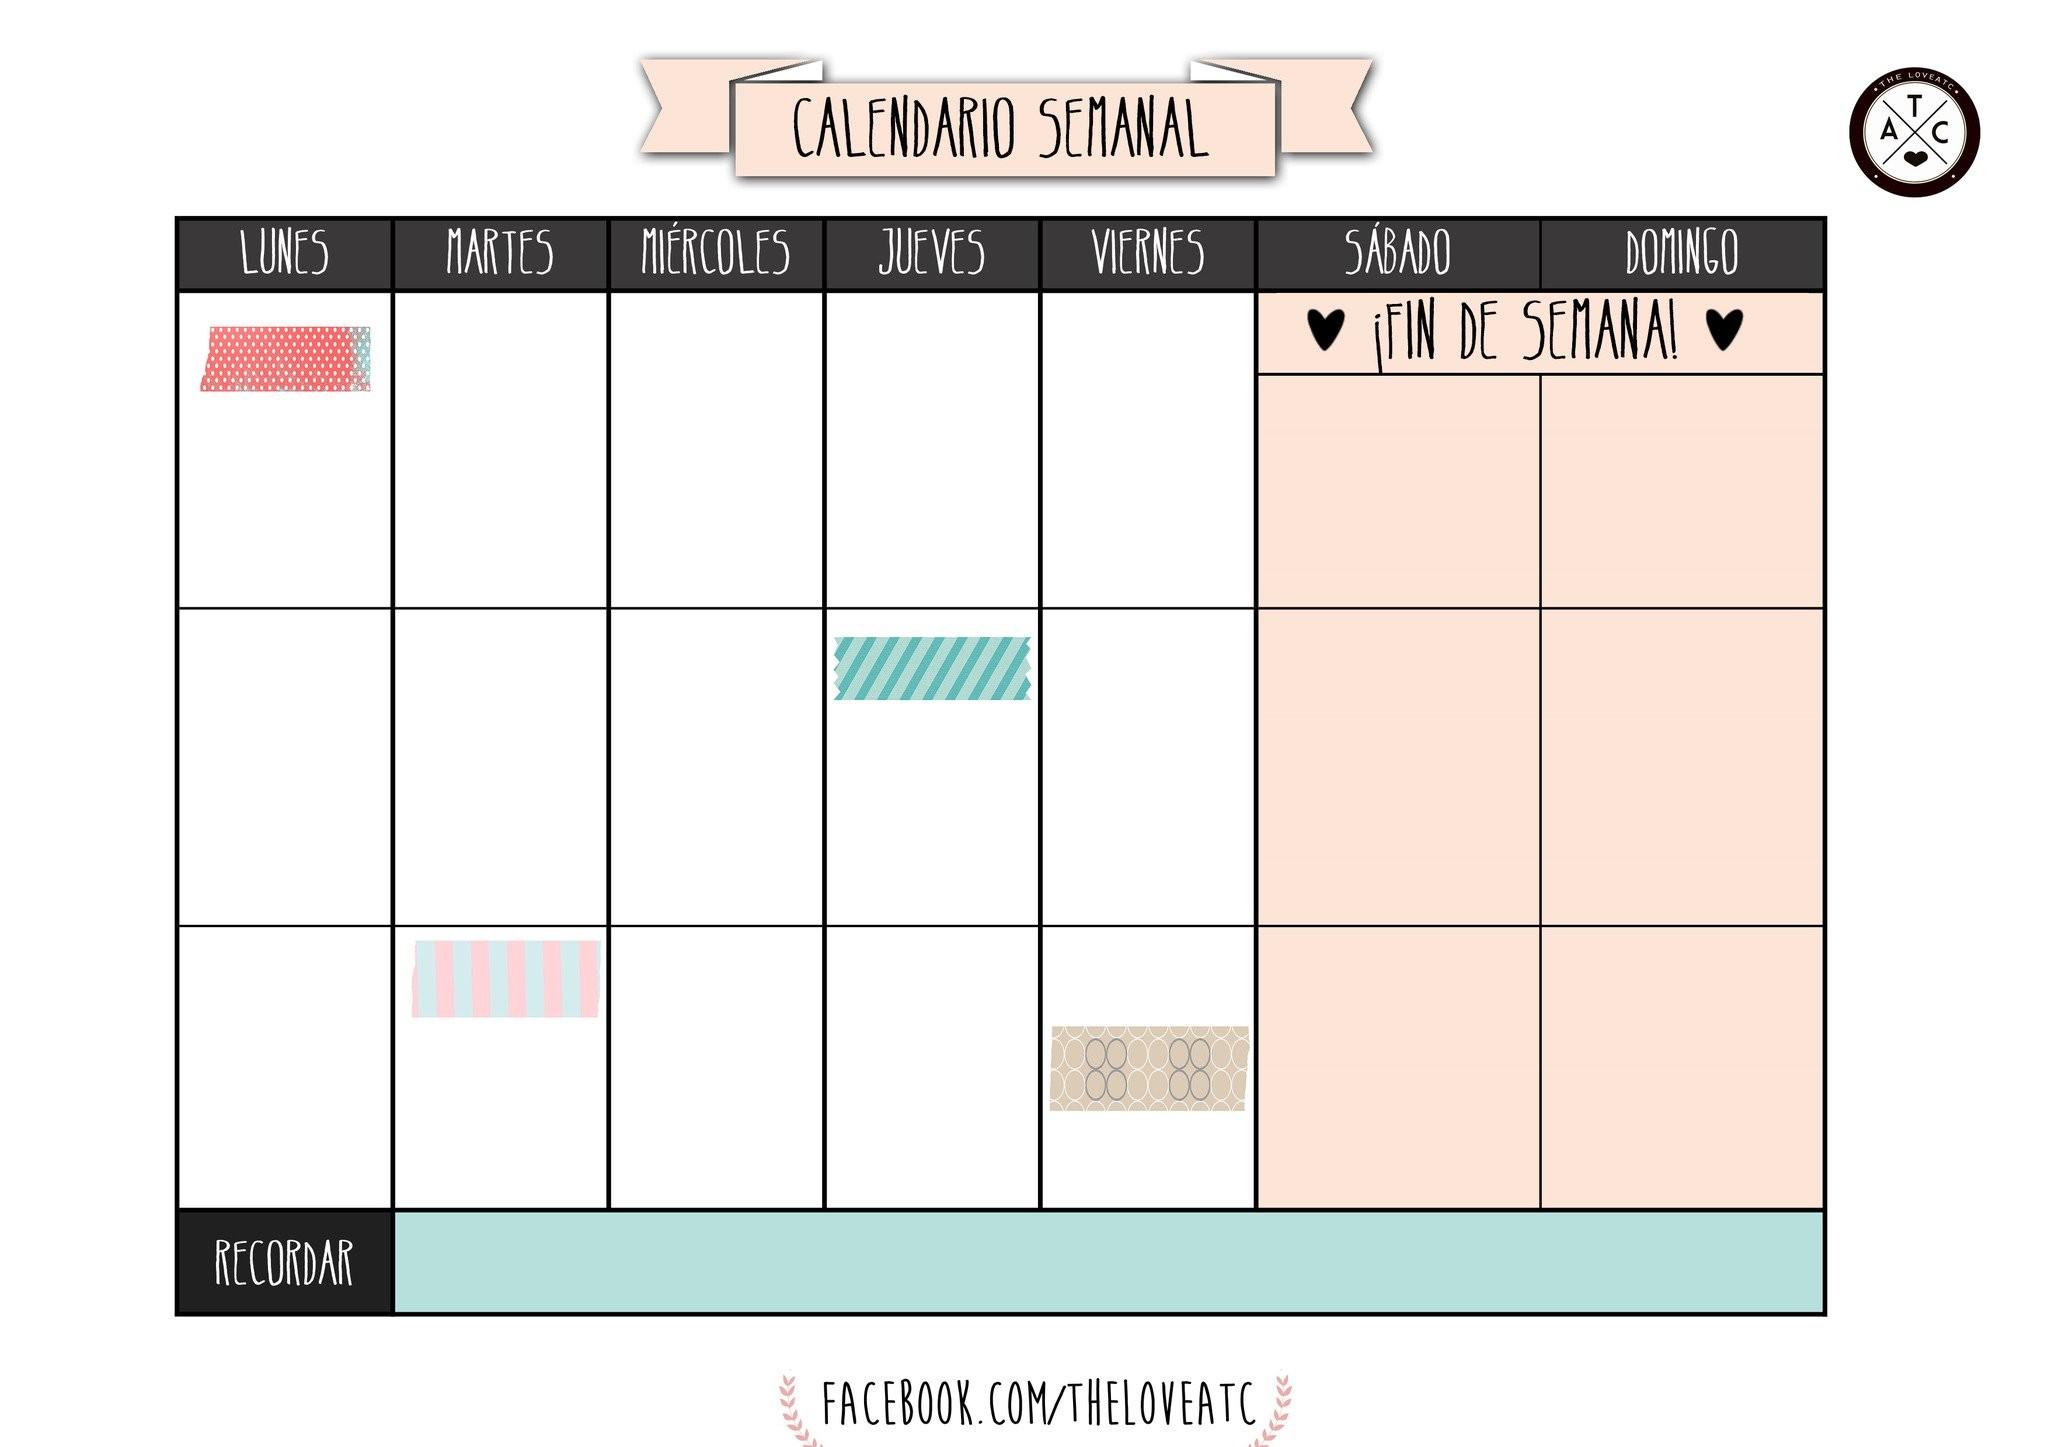 Semana 9 Calendario 2019 Mejores Y Más Novedosos Vuelta Al Cole 2017 100 Plantillas Y Horarios Gratis Para Of Semana 9 Calendario 2019 Más Reciente Mes Calendario